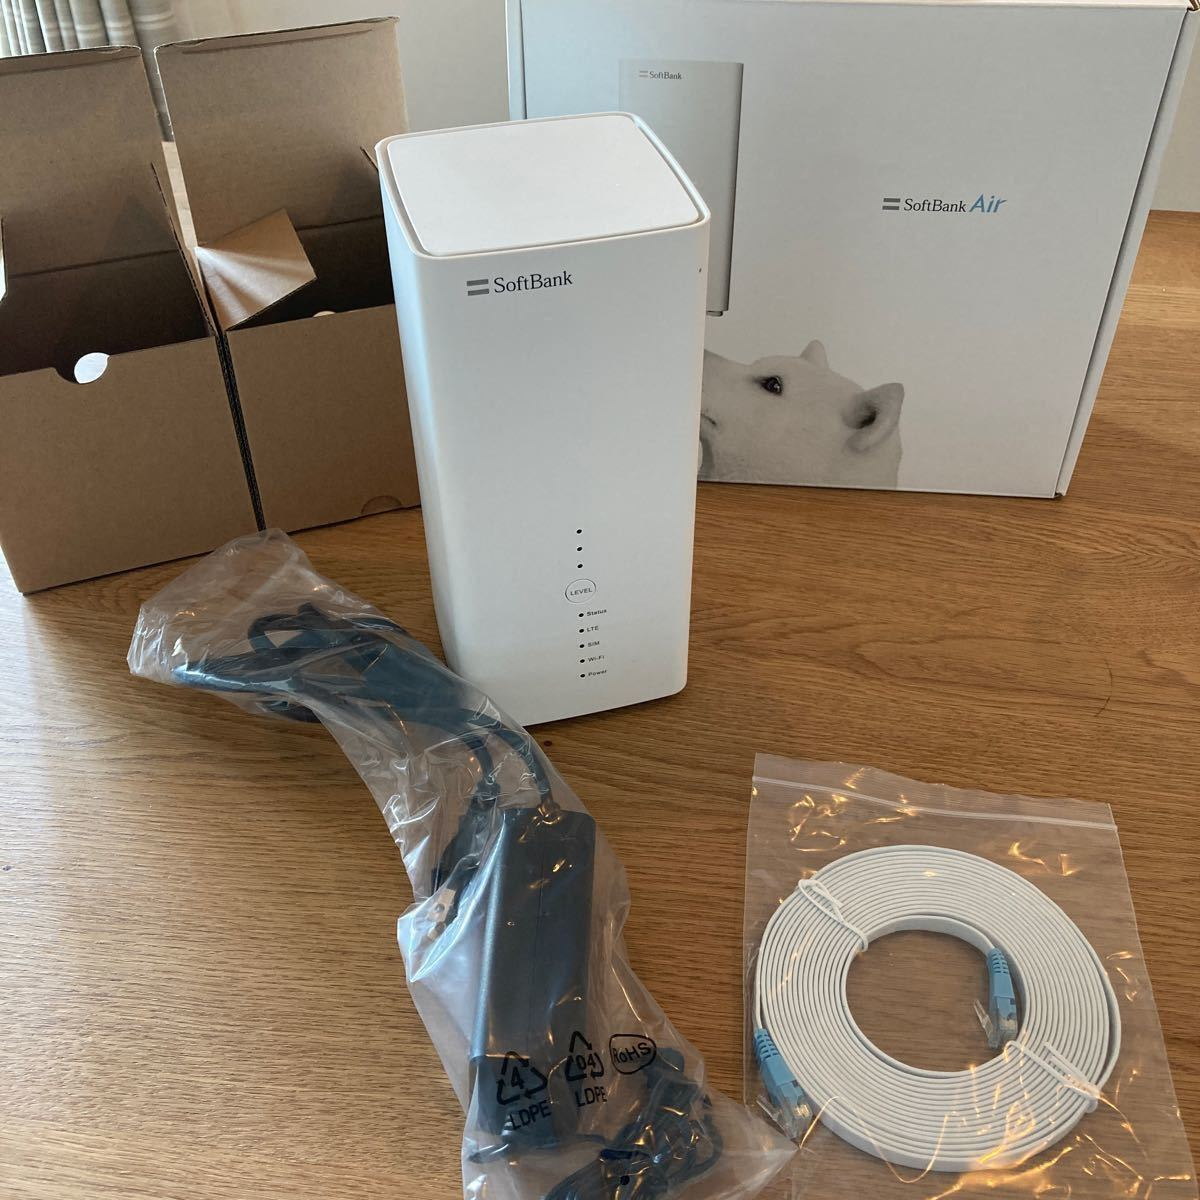 SoftBank Air ソフトバンクエアー3 専用箱入り B610s-79a